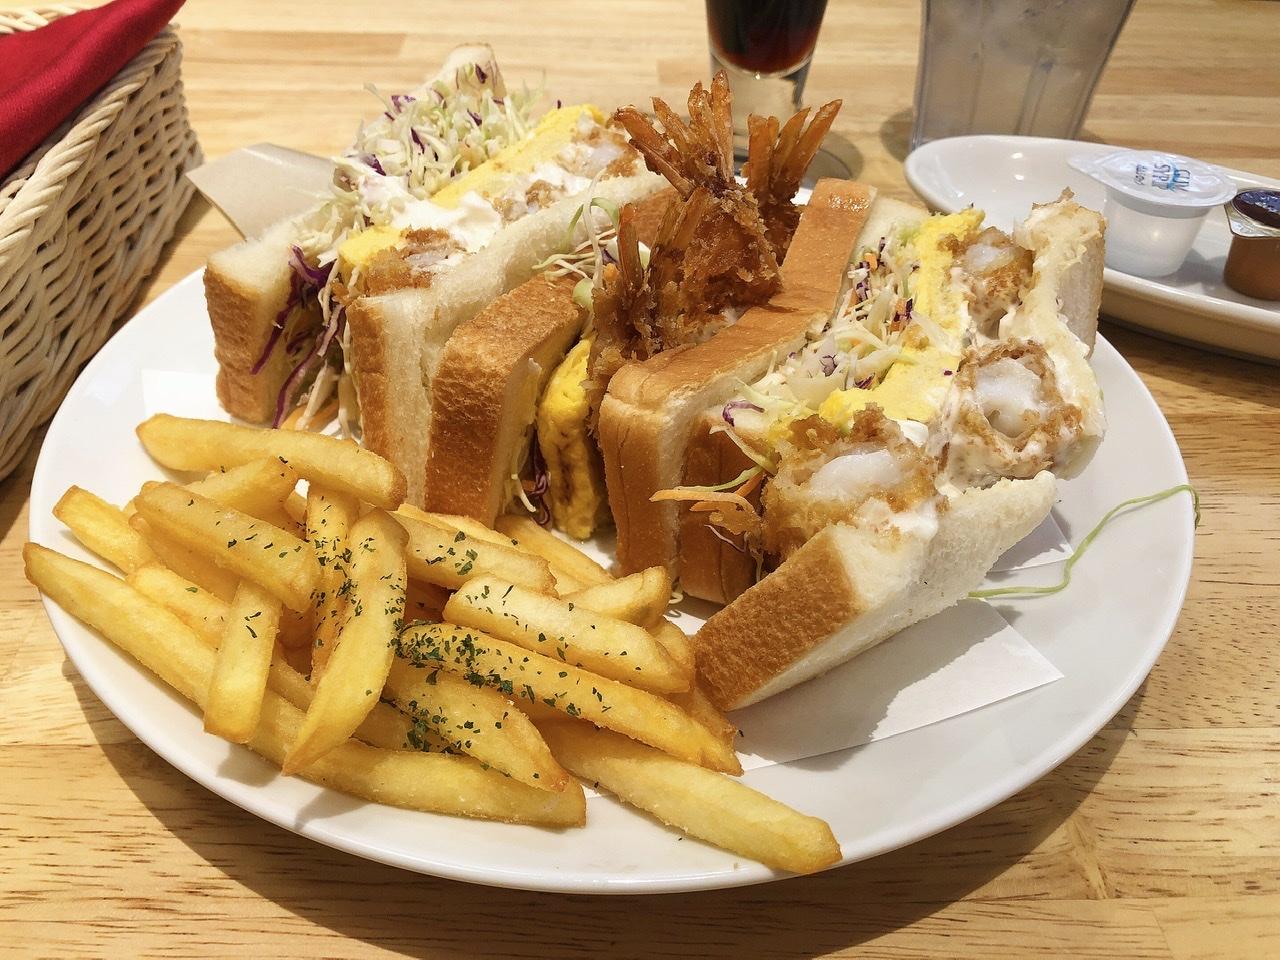 金山|食べ応え抜群!ガブっとかぶりつくボリュームサンド!味もコスパも◎のカフェ